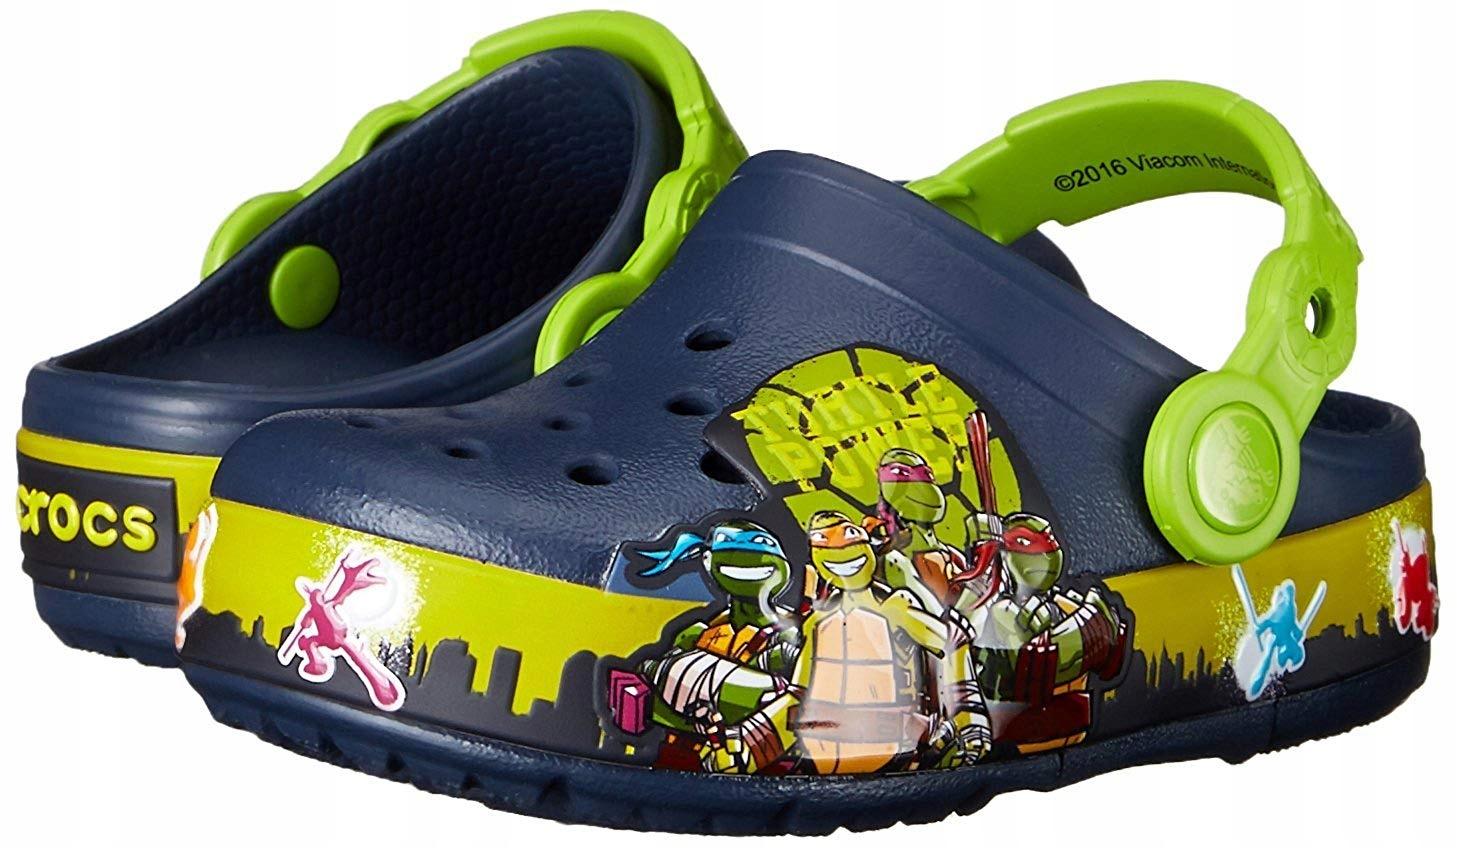 Crocs Crocslights tmnt II C13 świecą Żółwie Ninja